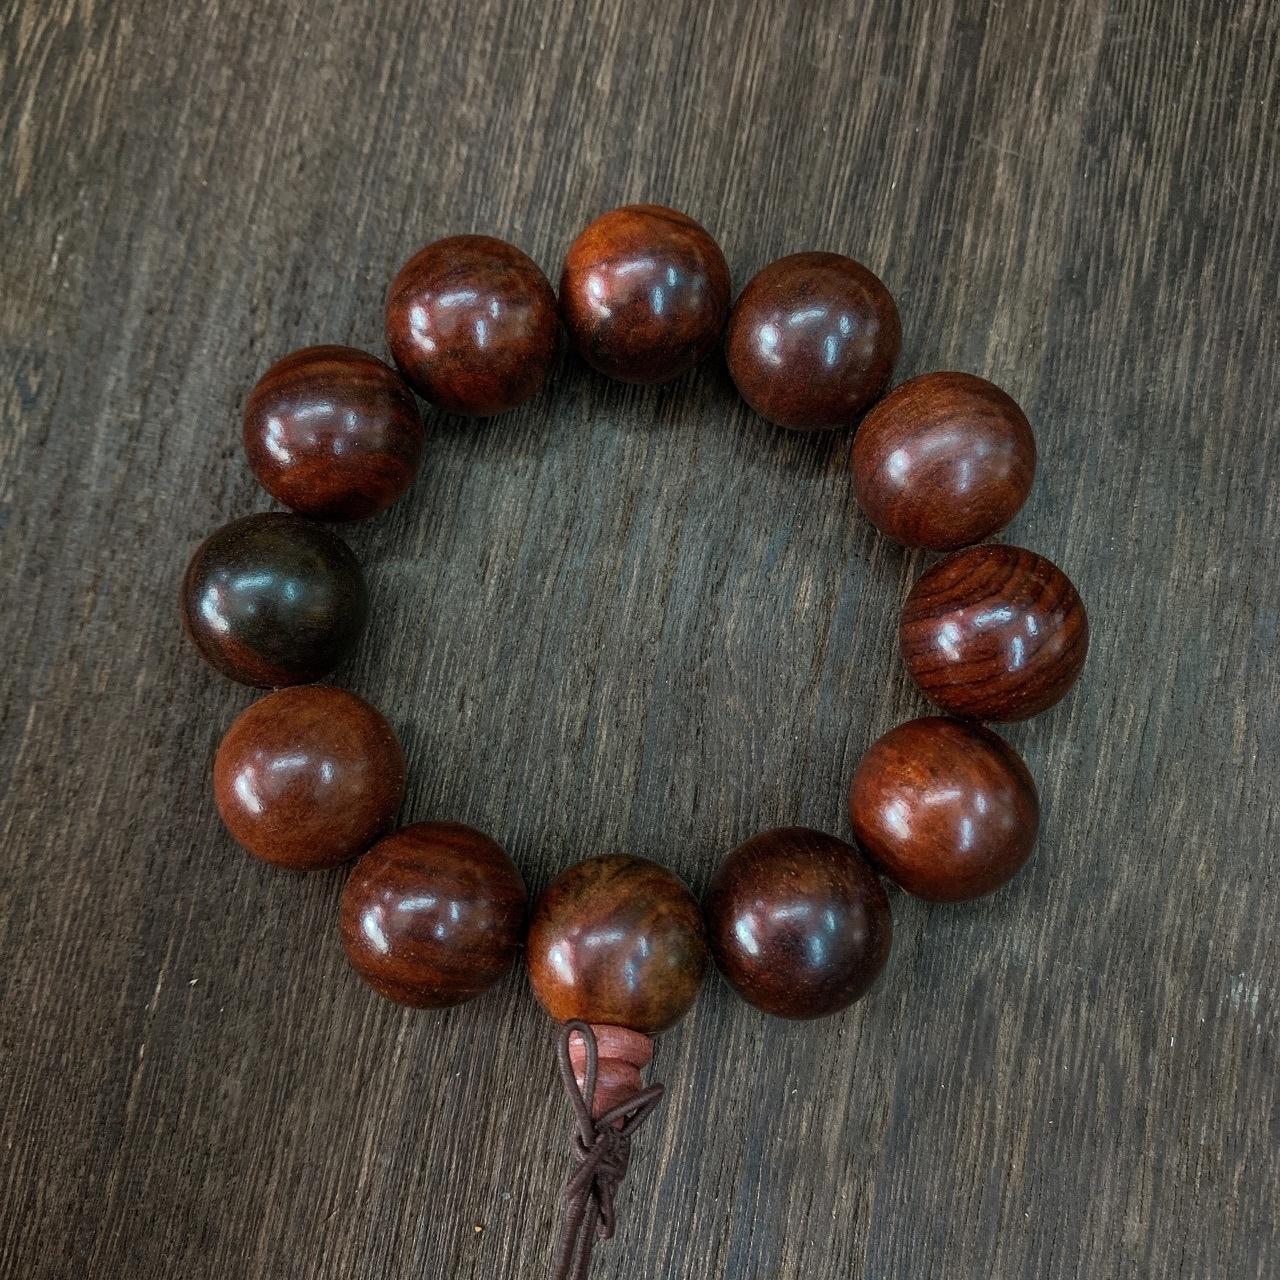 20mm51g verdadeira azedo 20mm51g ramo pulseira Natural pulseira azedo Natural verdadeiro ramo 3UN47